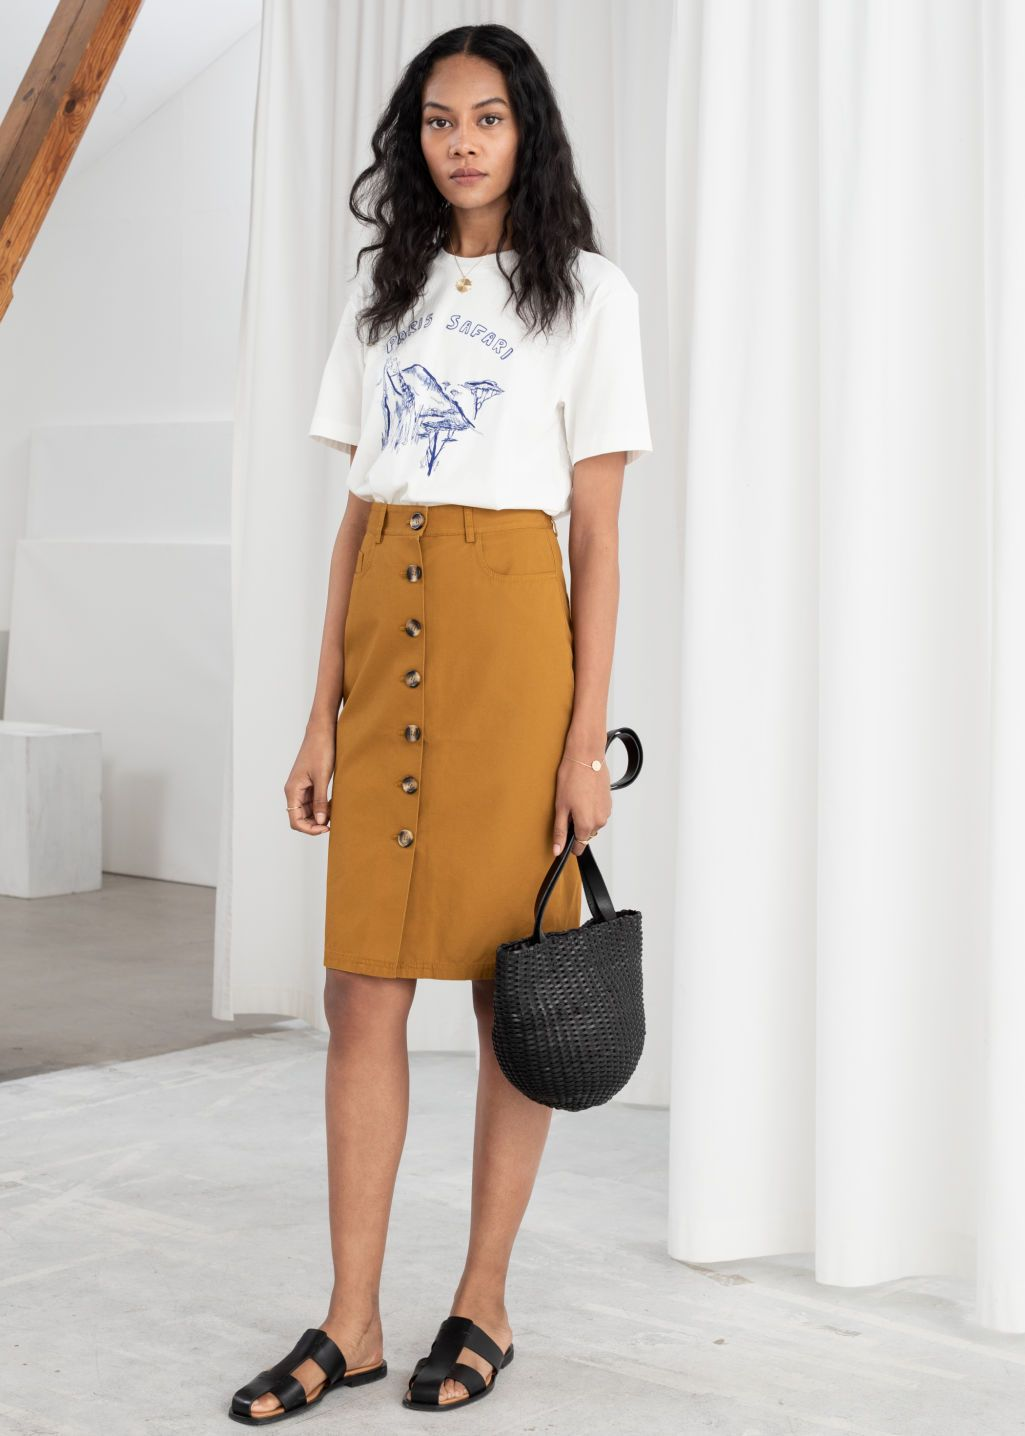 764cf7dda Cotton Twill Workwear Skirt - Tan - Midi skirts - & Other Stories ...